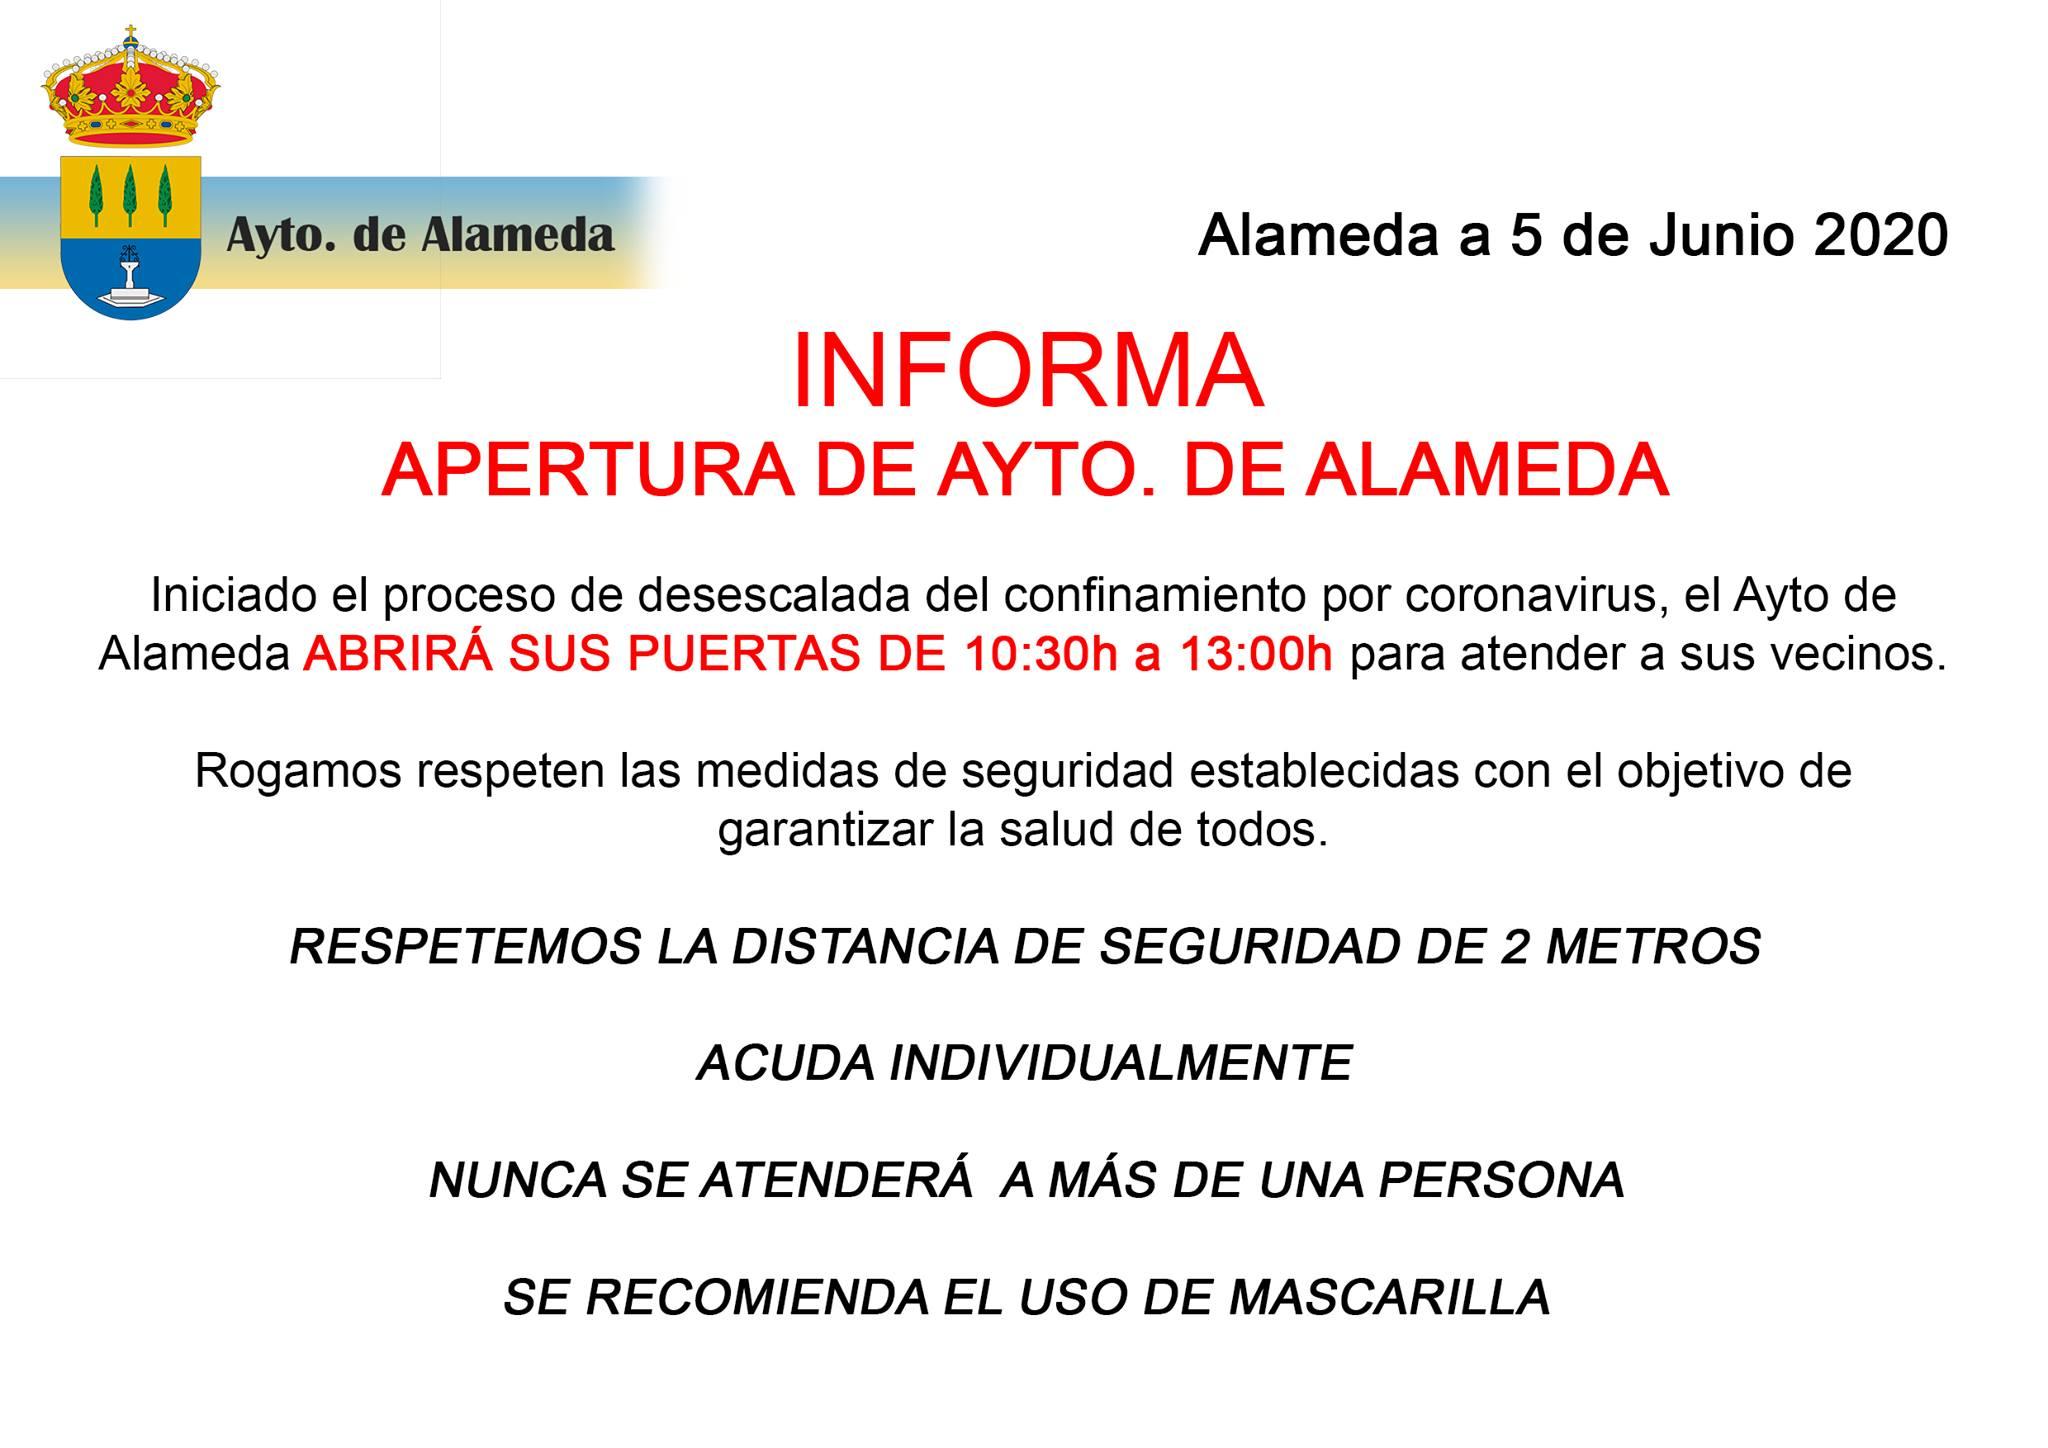 Reapertura del Ayuntamiento 2020 - Alameda (Málaga)